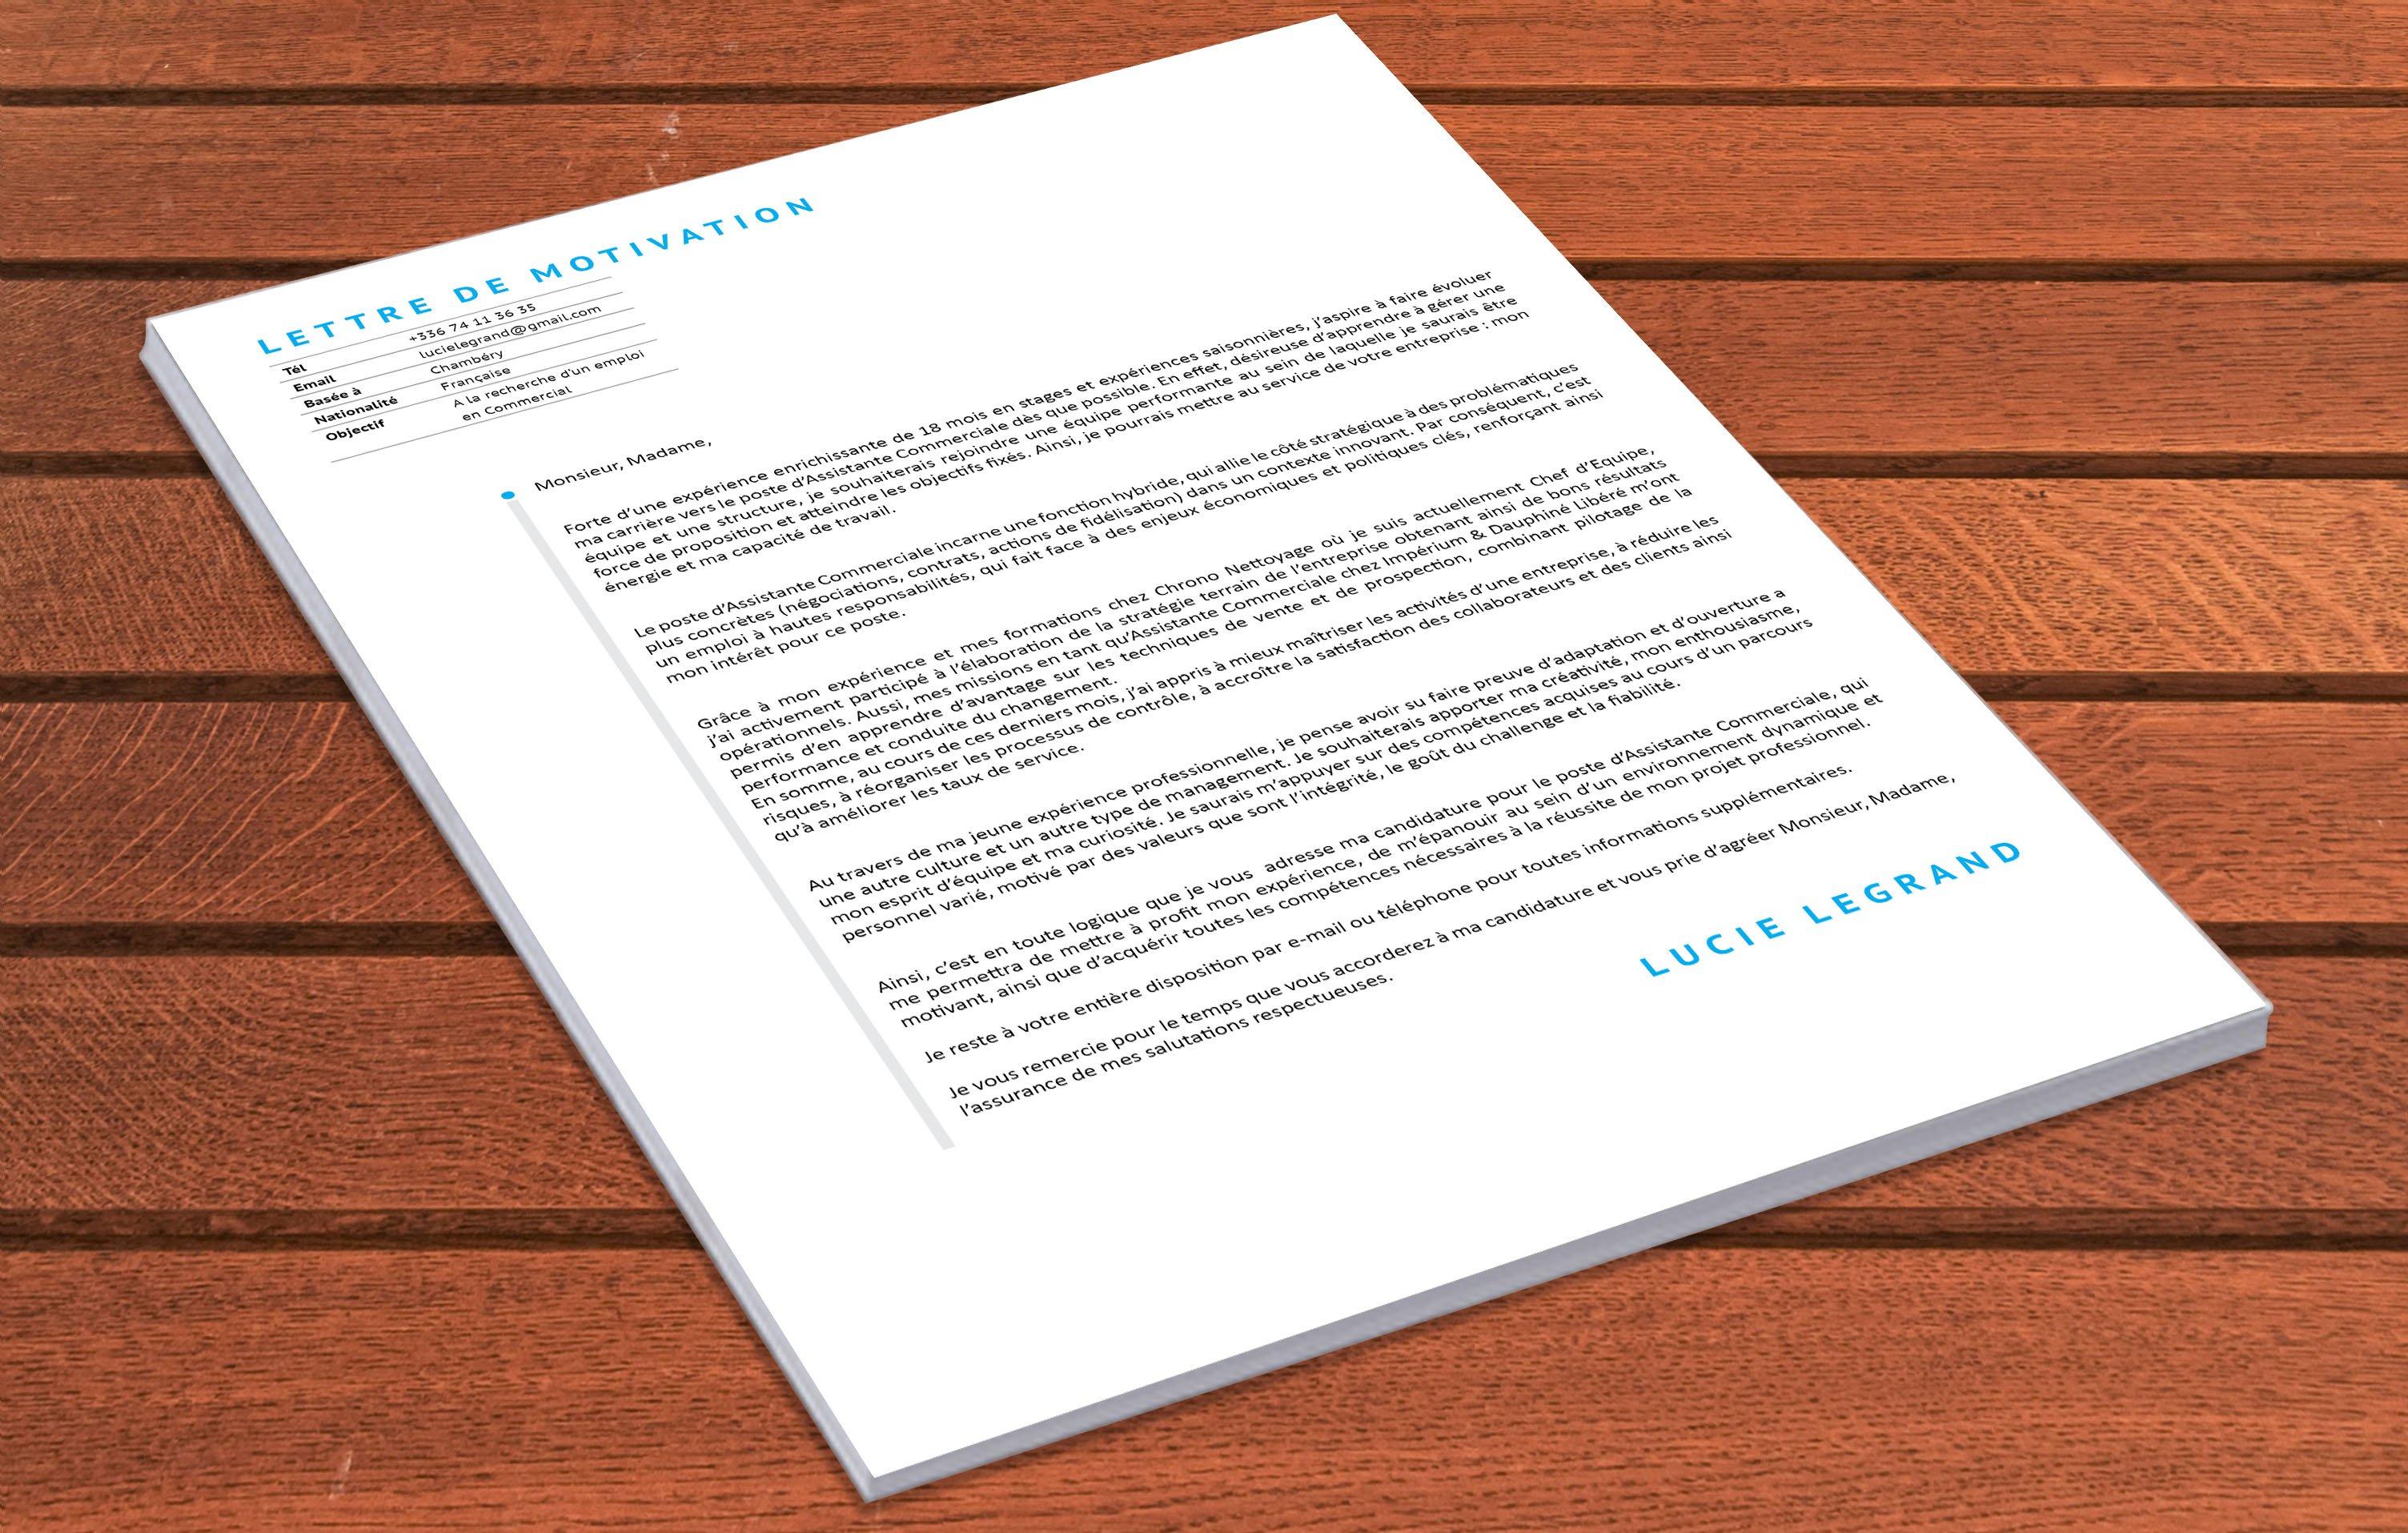 mycvfactory-cover-letter-l-azur-3_1prZjwM.jpg